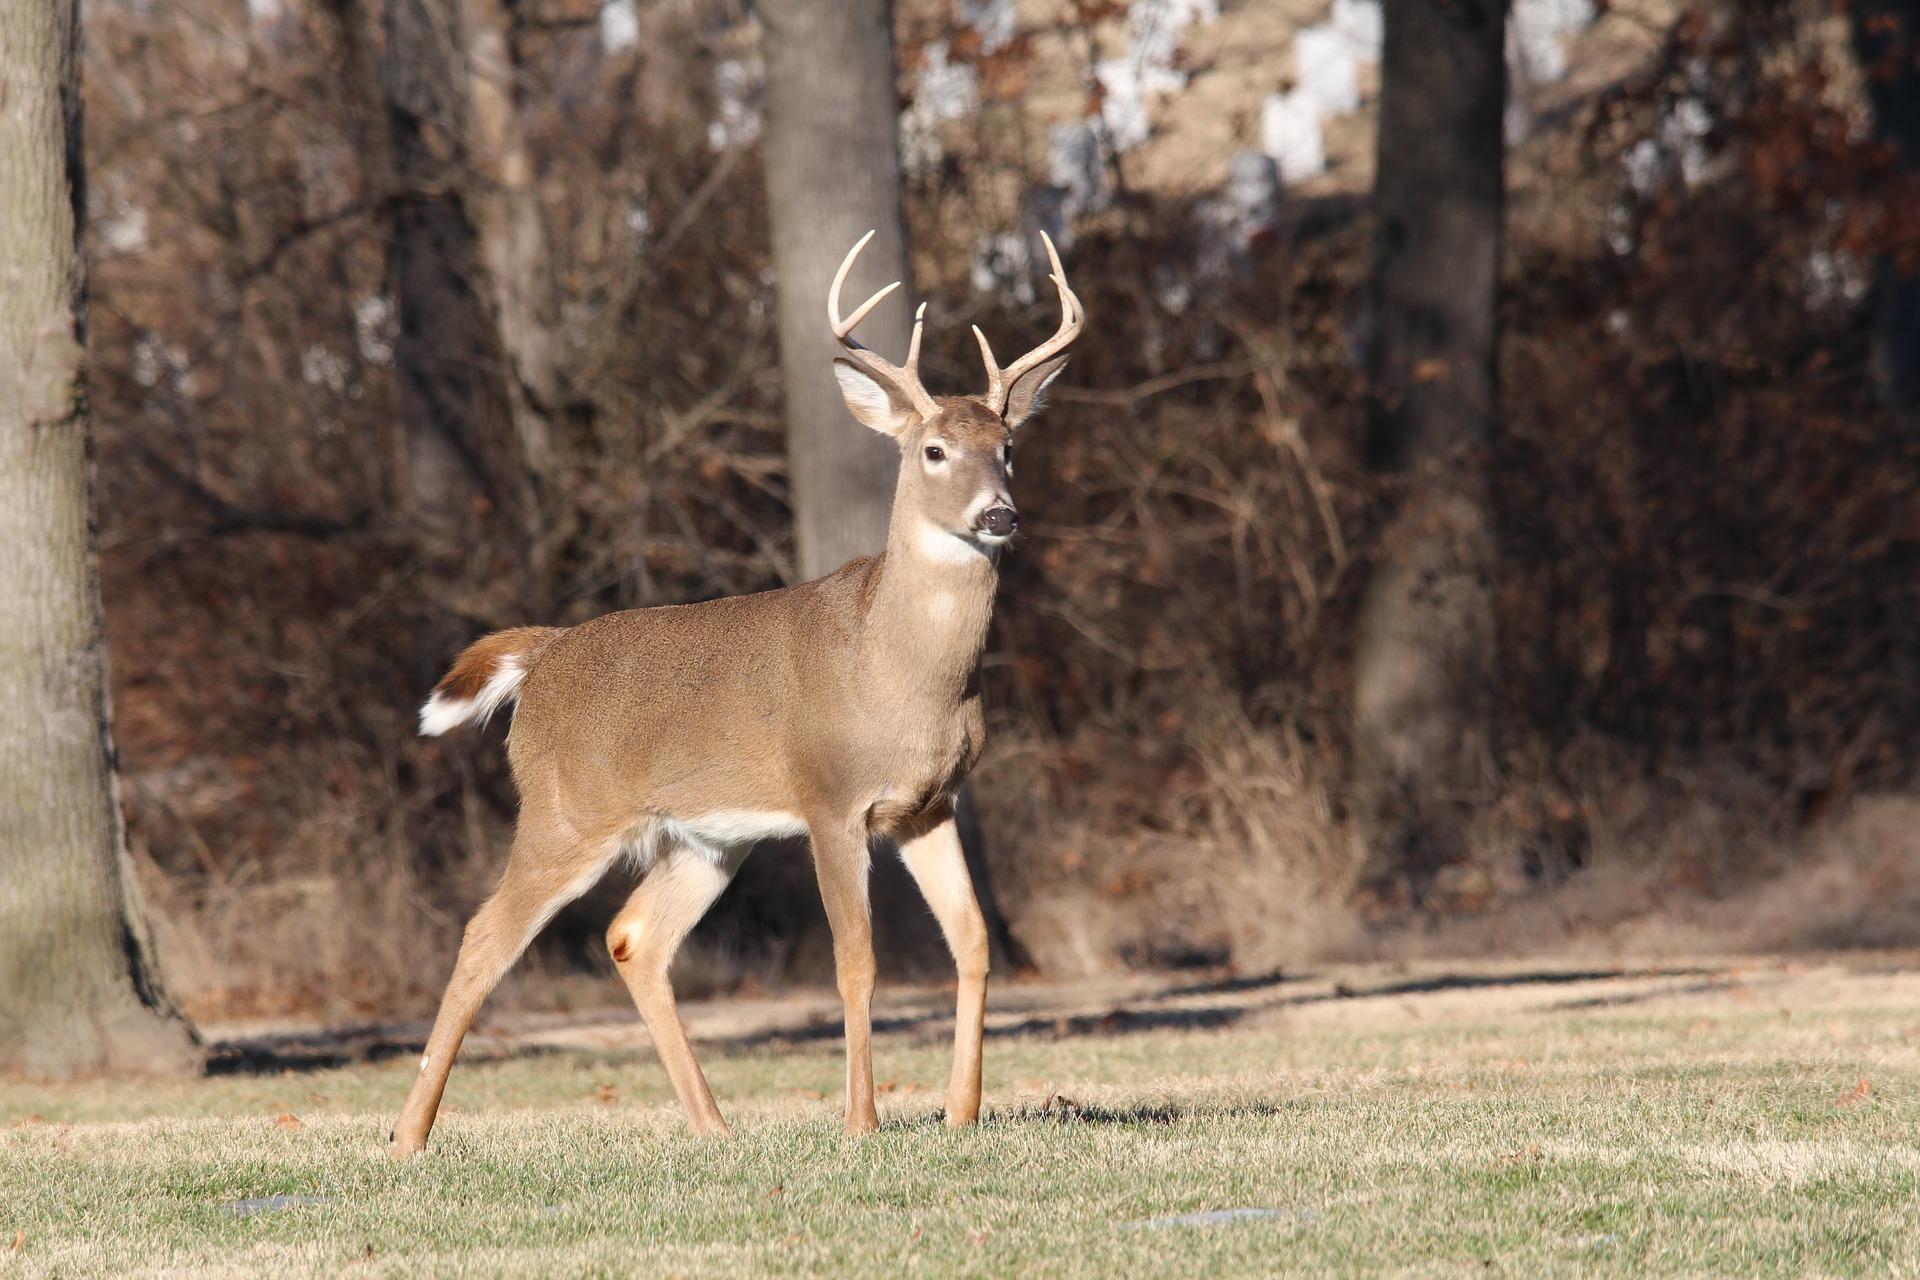 An image of a deer.